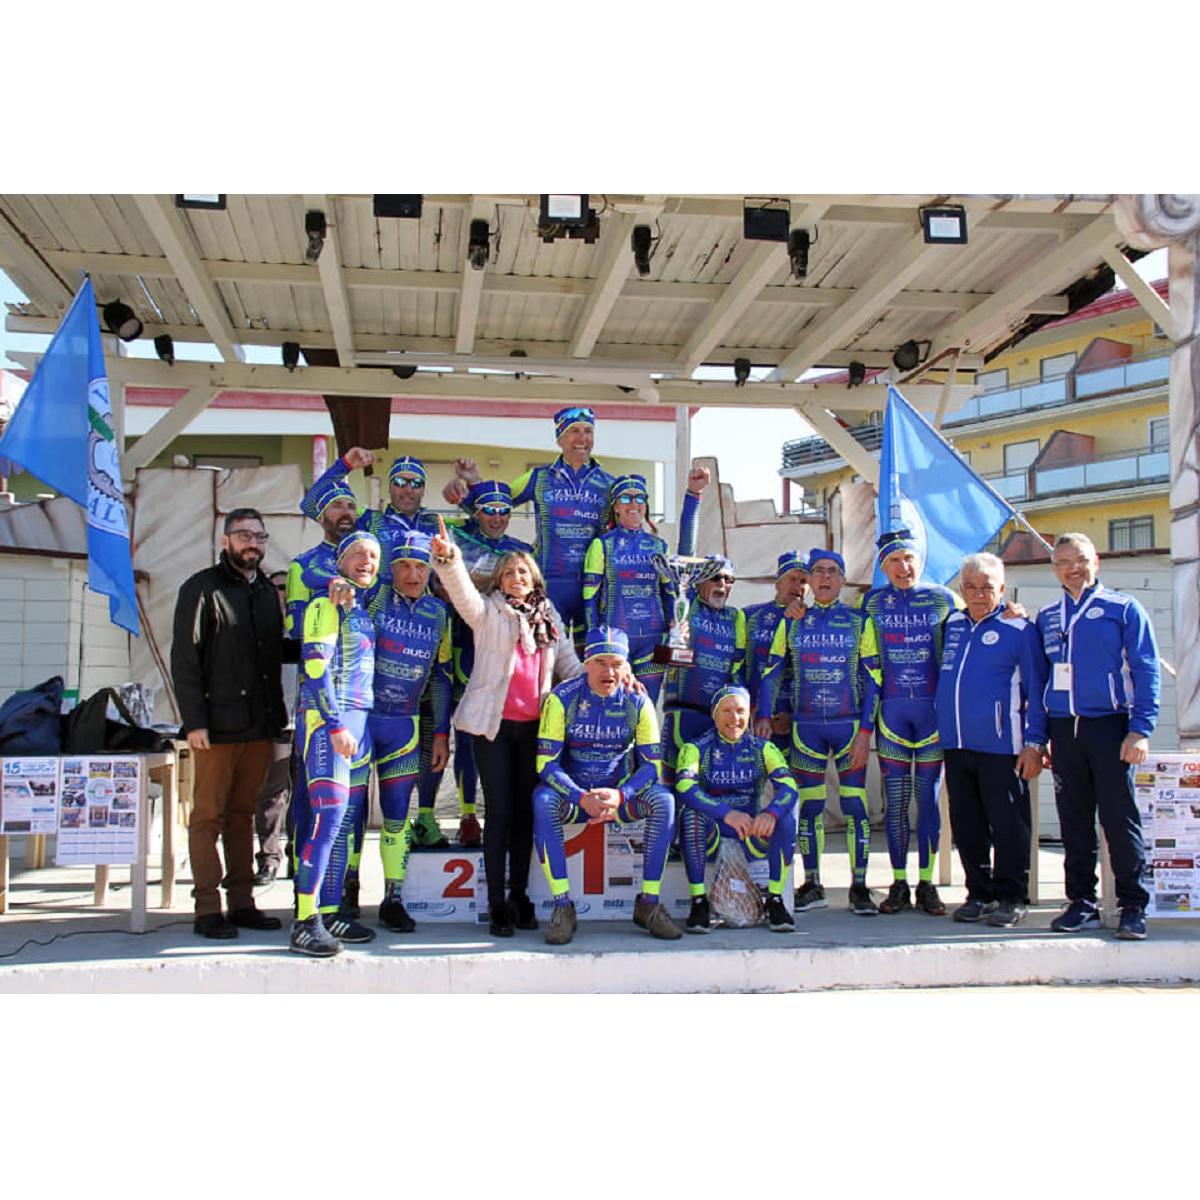 Ciclismo Amatoriale Trofeo Carnevale a San Salvo foto